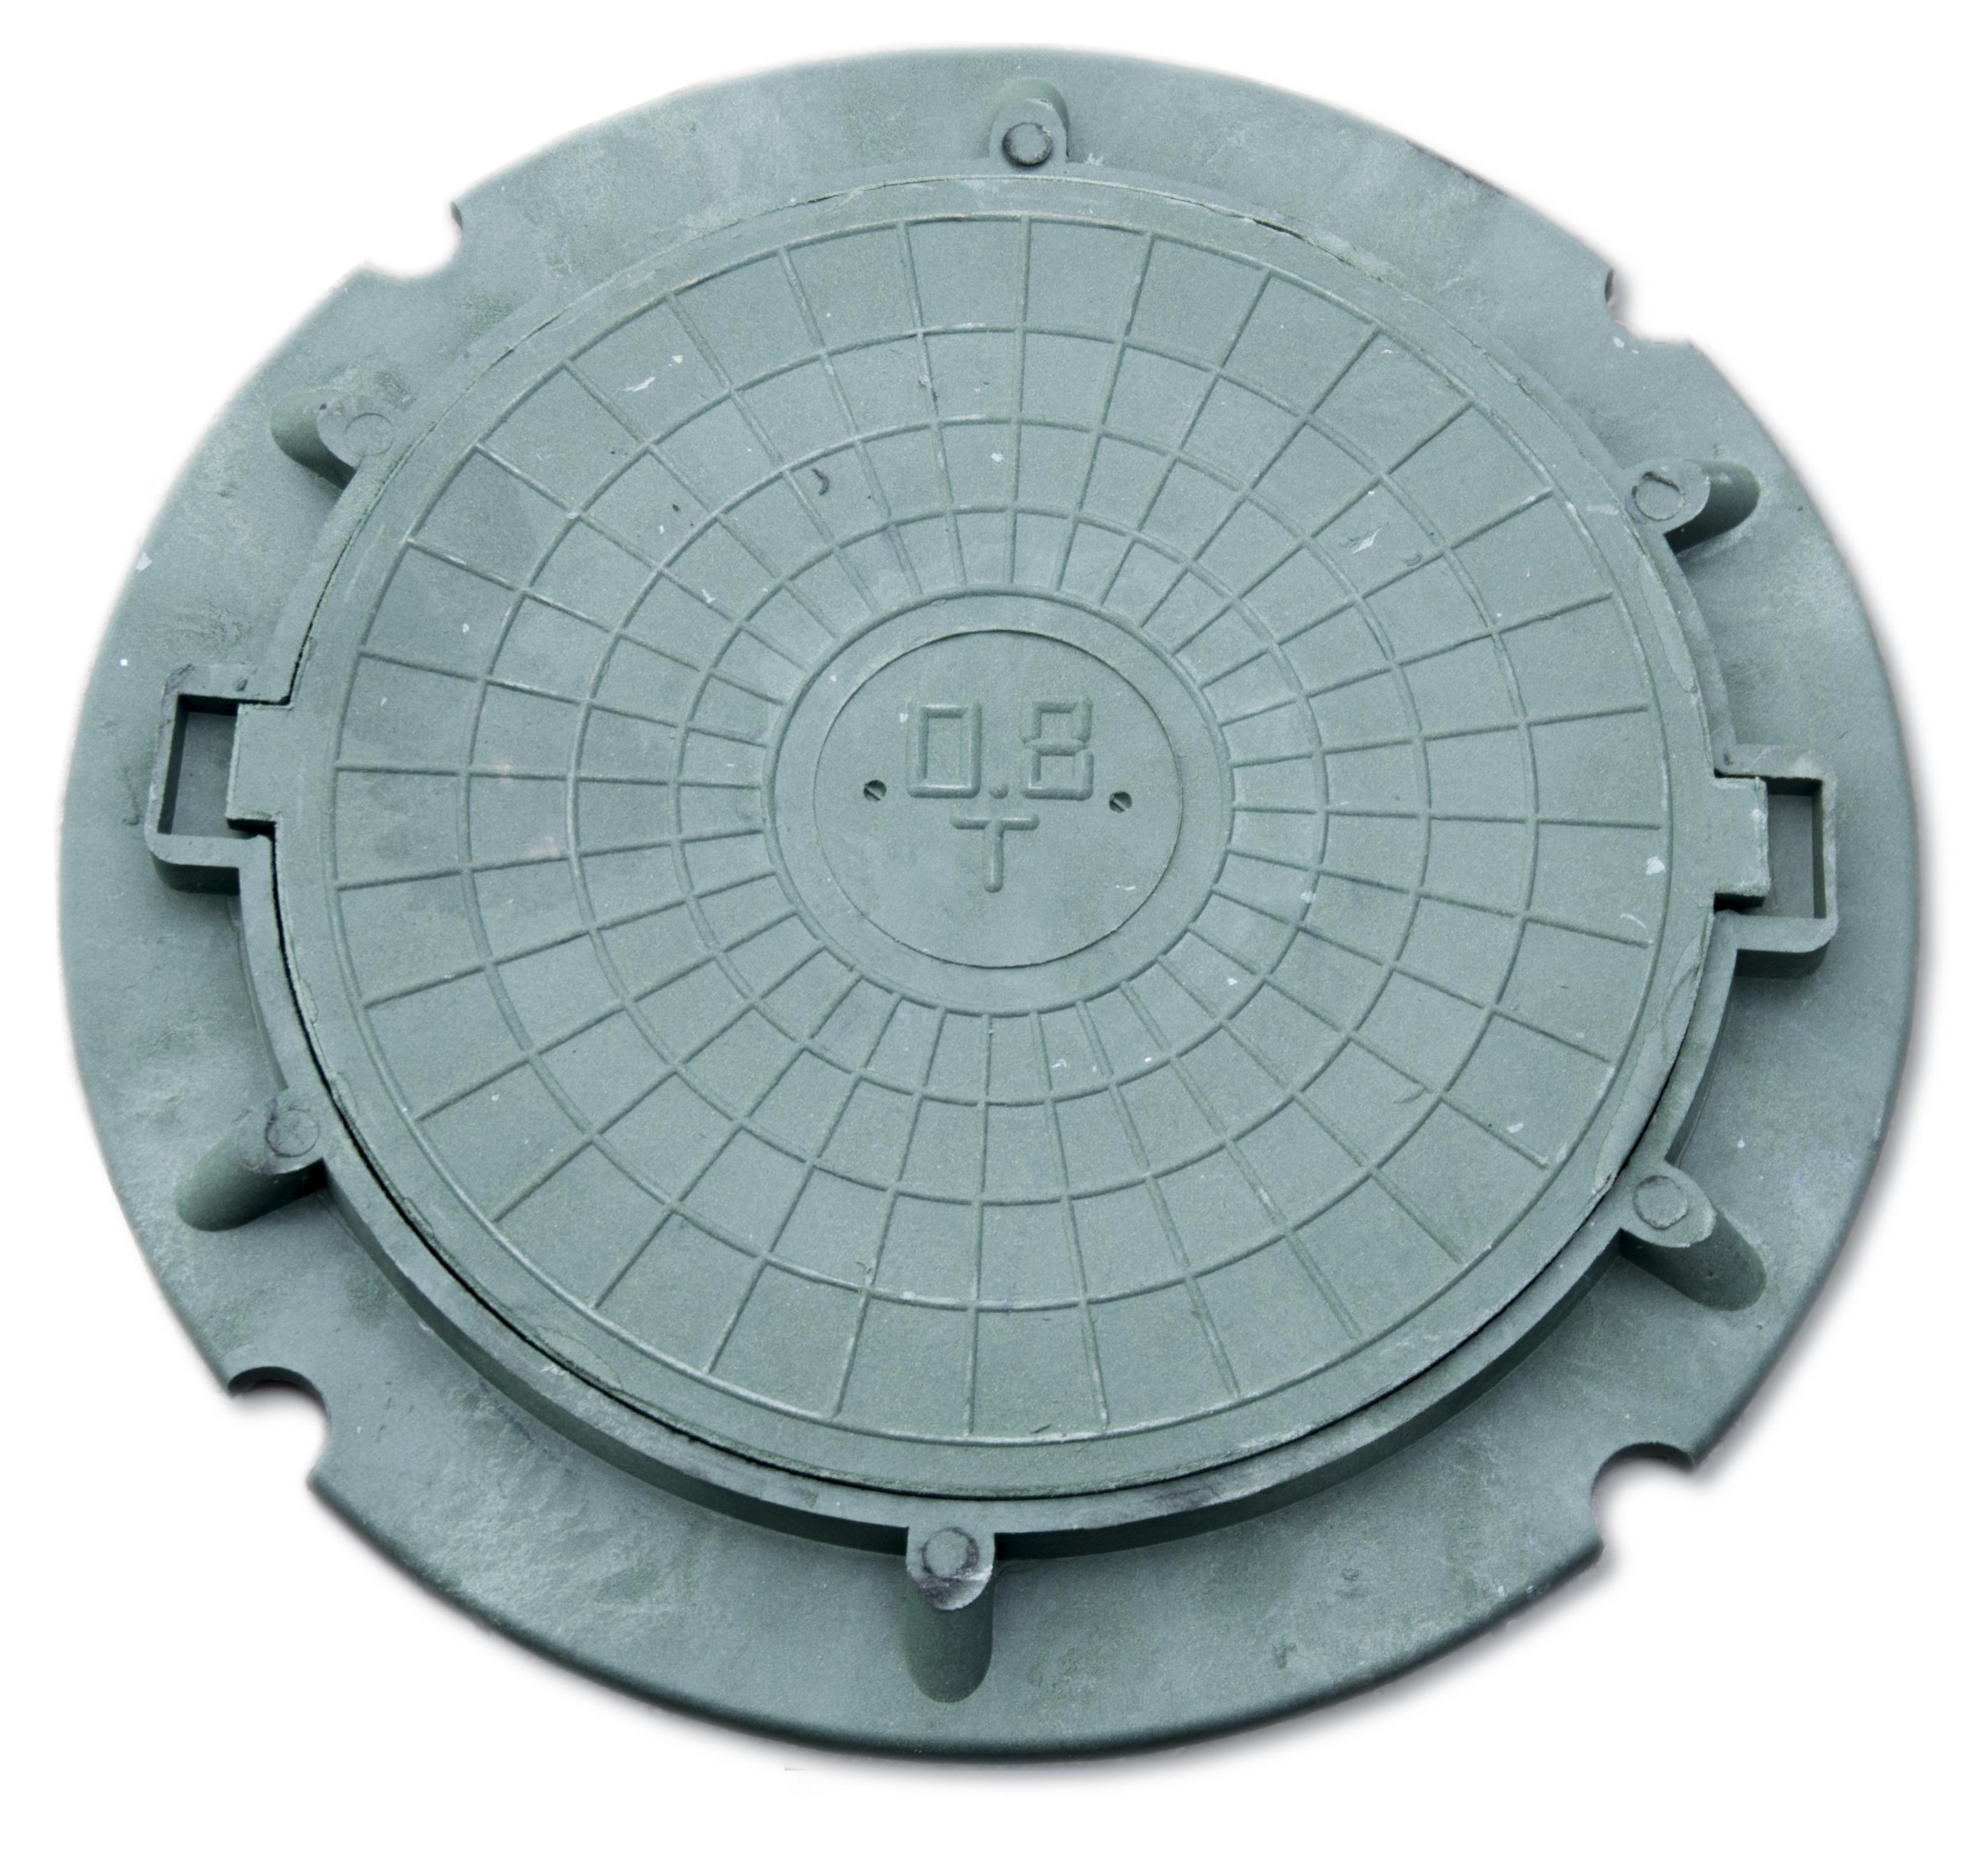 Люк полимерный облегченный 60 мм х ф-730 мм зеленый, масса 15 кг, нагрузка 1,5 т